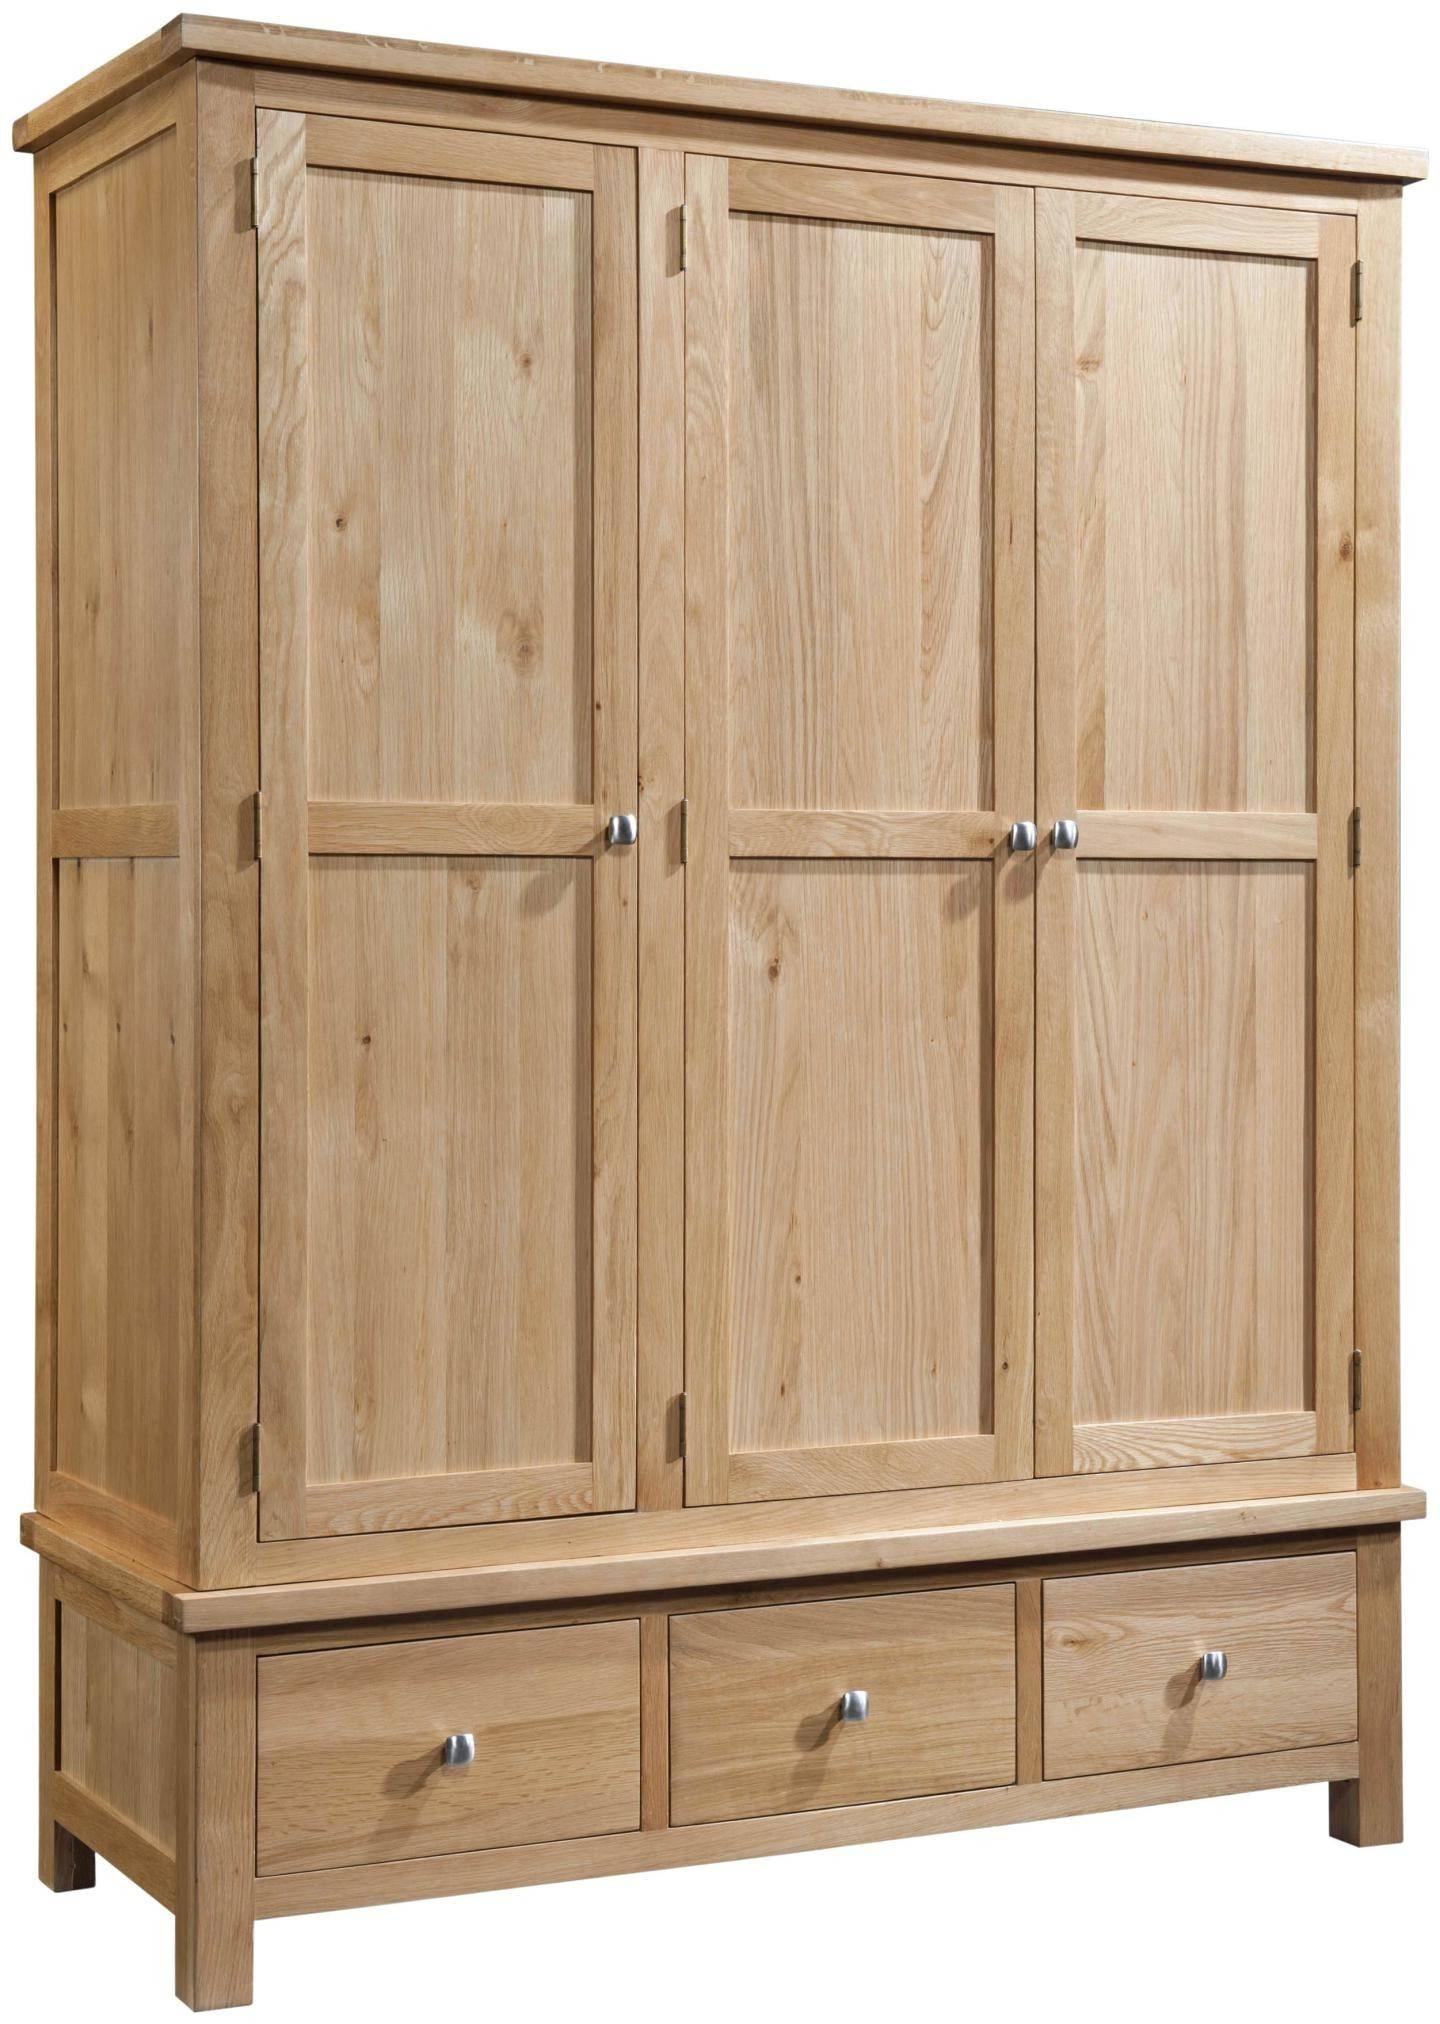 Abbey Oak Triple Wardrobe With 3 Drawers regarding Triple Wardrobes With Drawers (Image 1 of 15)